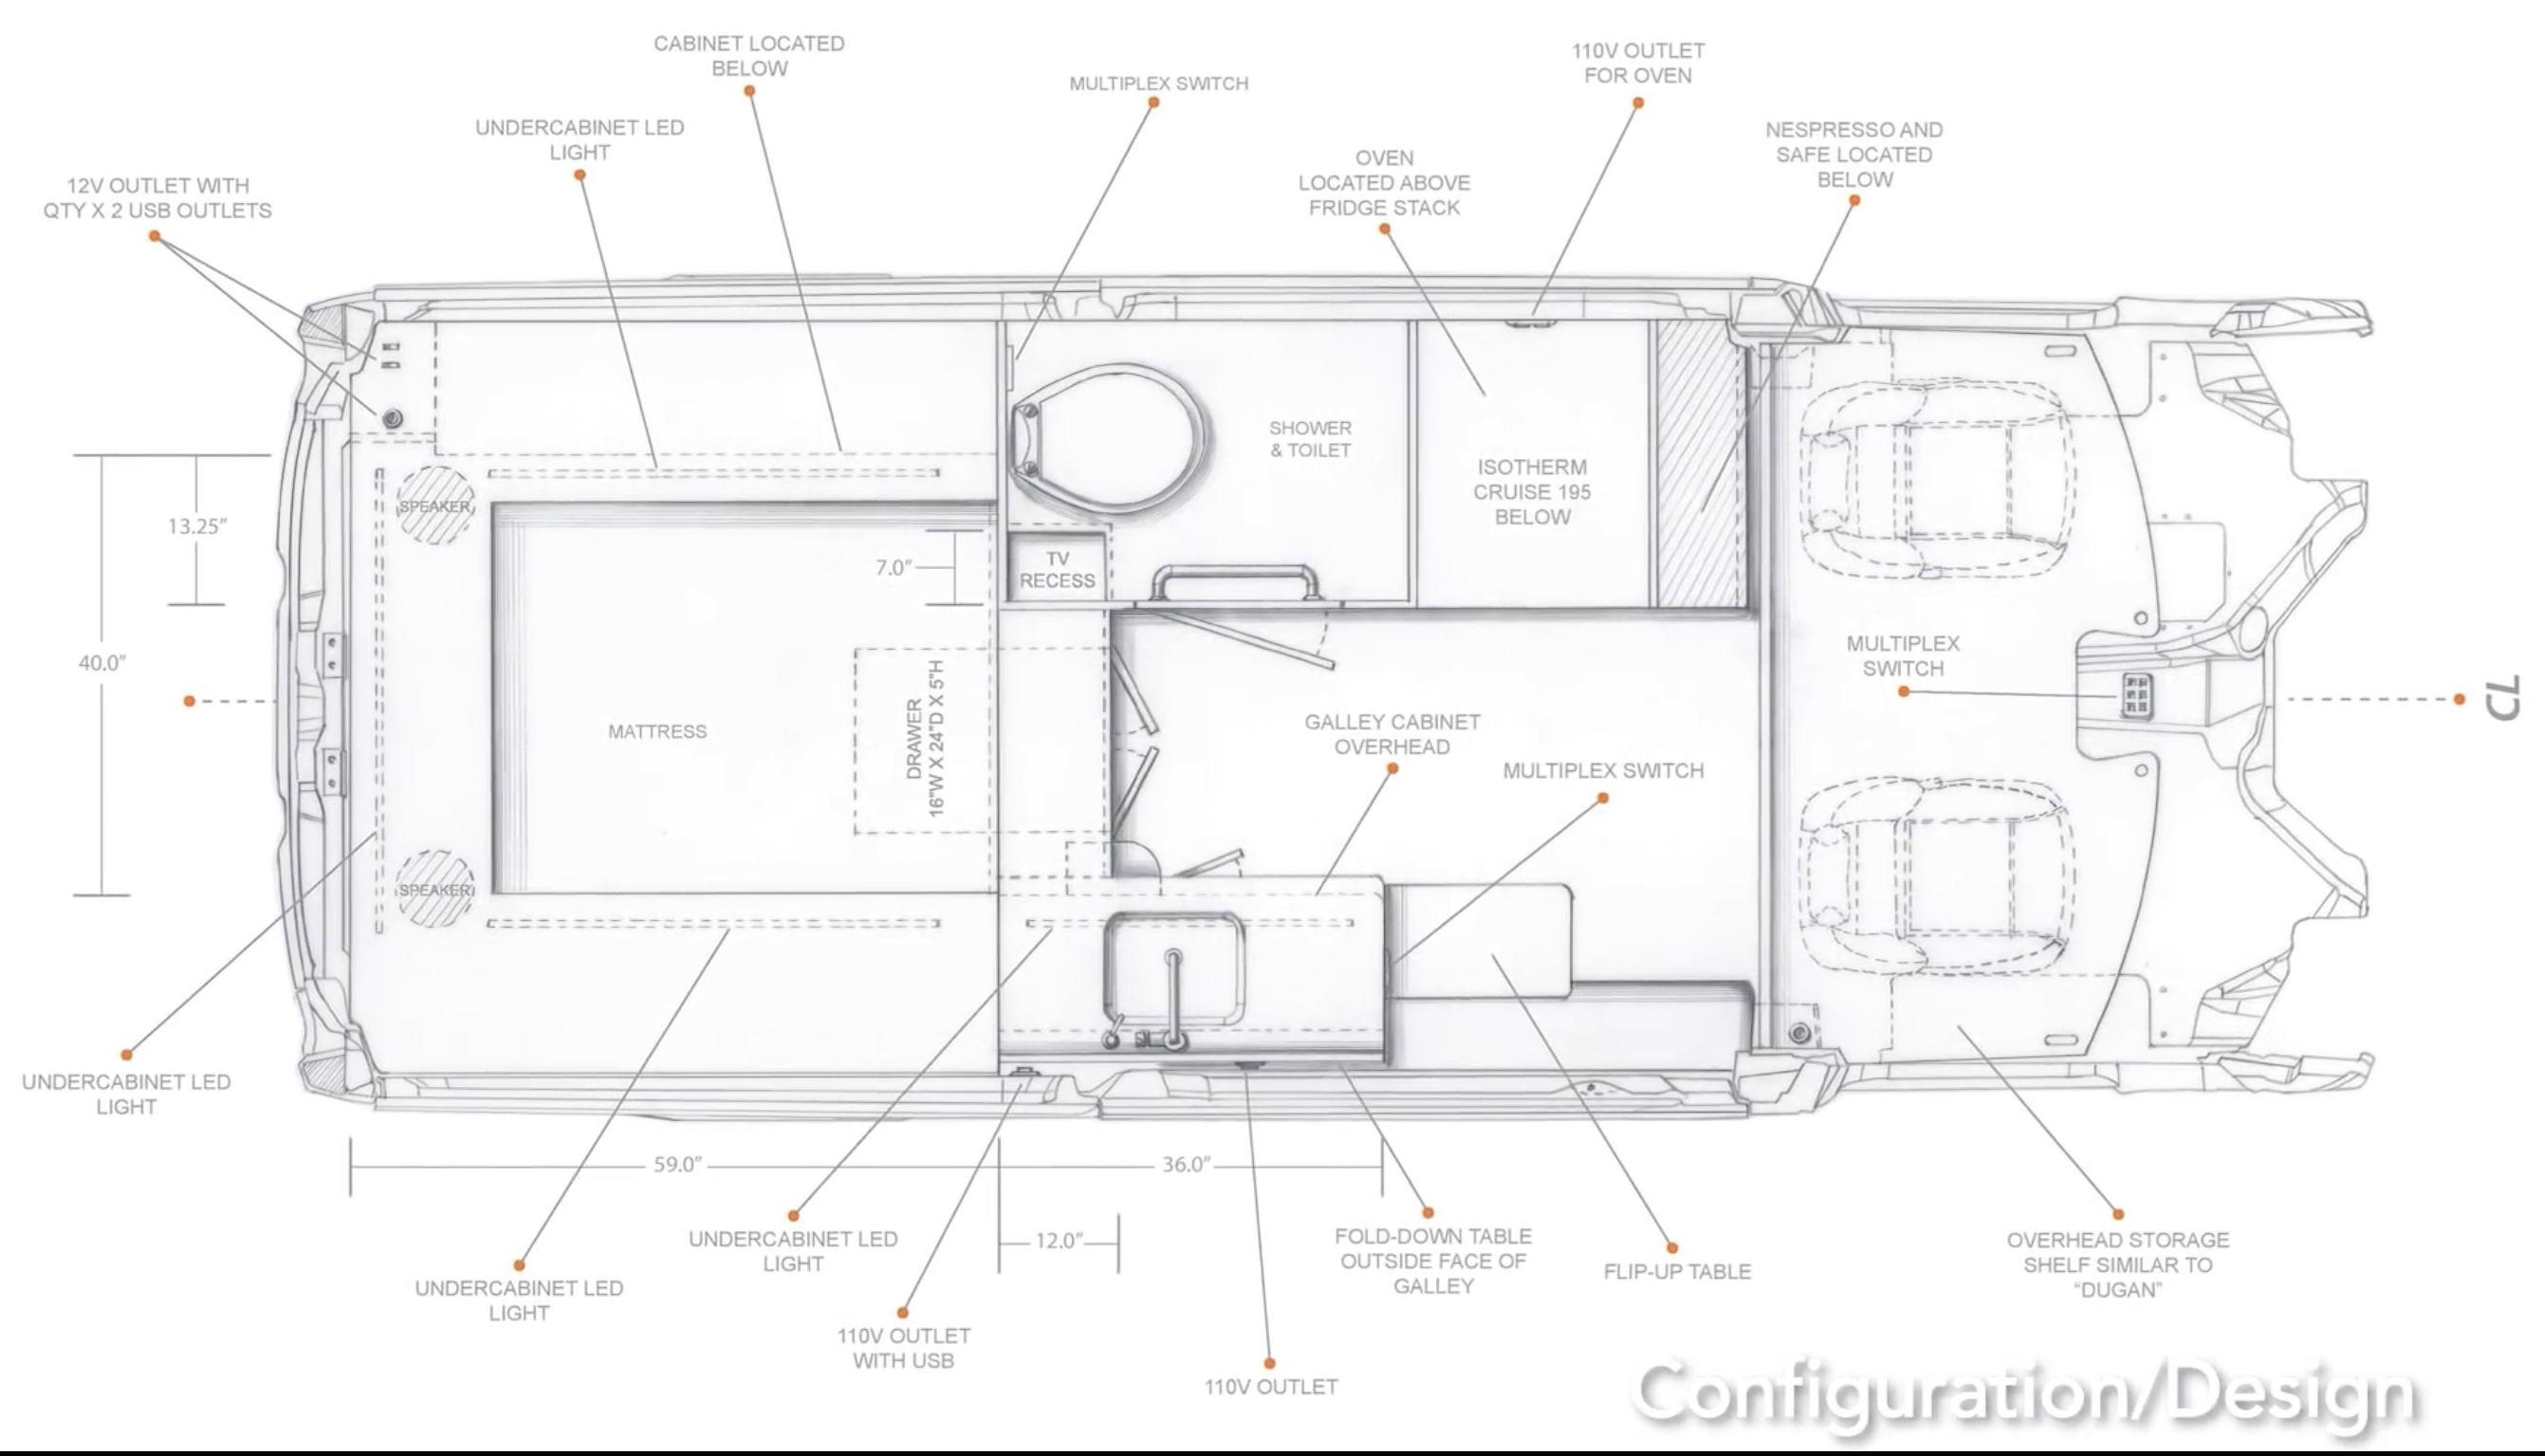 The Last Resort Arv Builds A Custom 144 Sprinter For Full Time Off Grid Living Off Grid Living Sprinter Mercedes Sprinter Camper Van